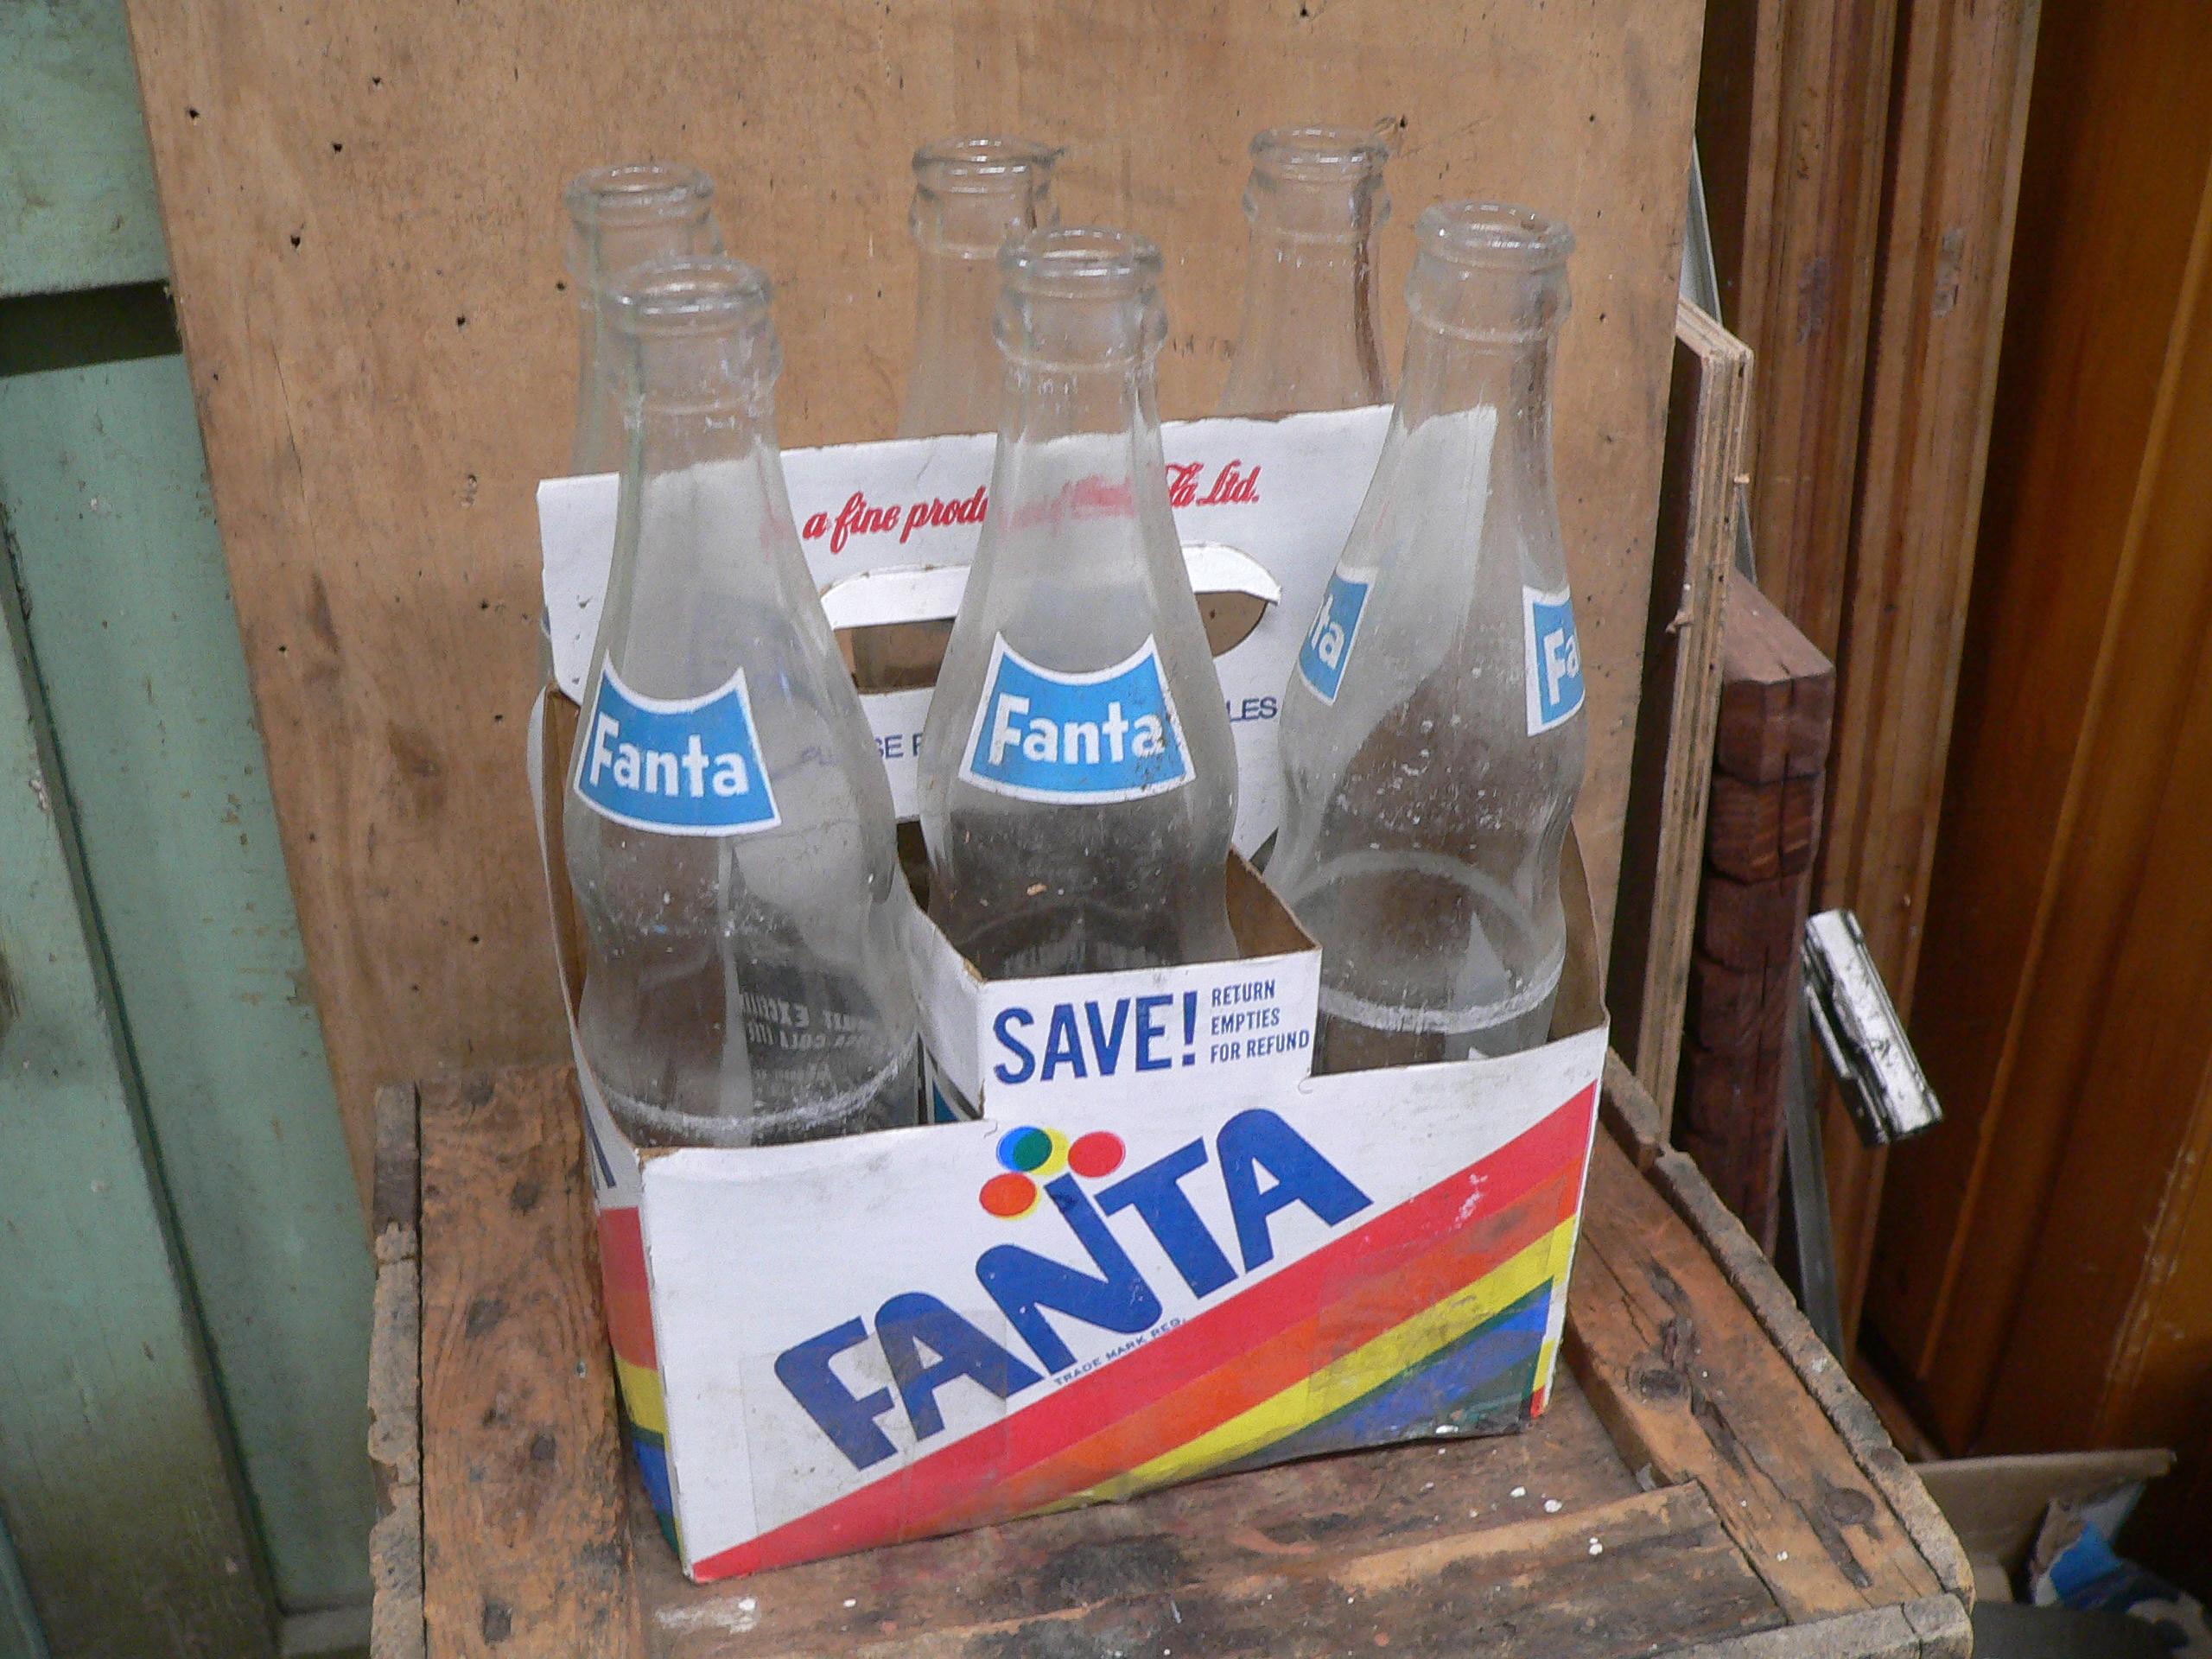 6 pack vintage de fanta avec 6 bouteille fanta # 5802.2